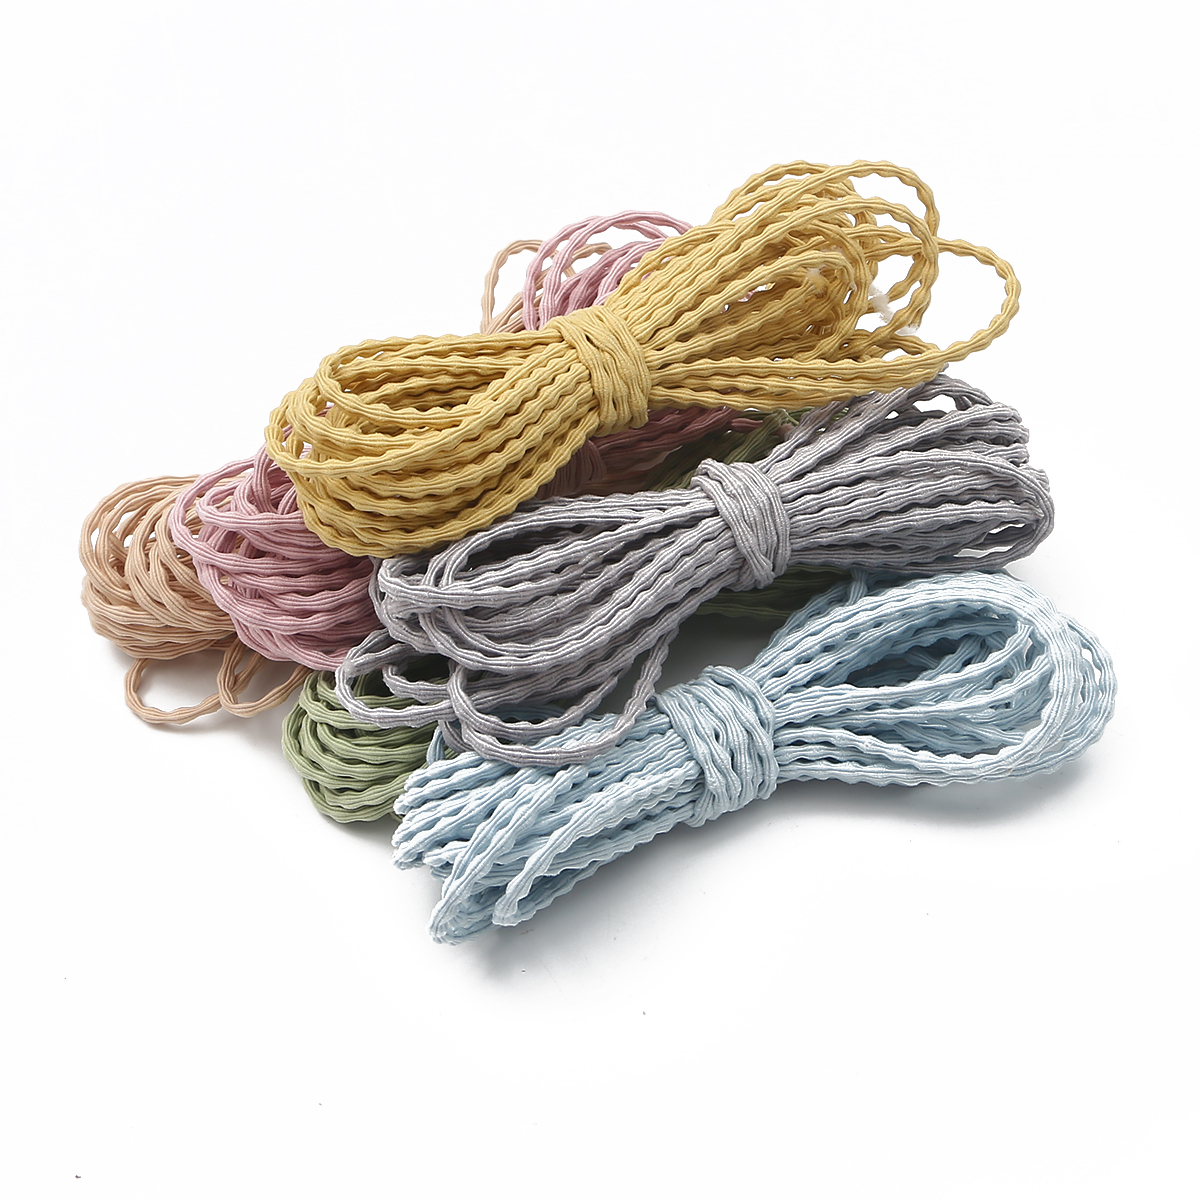 6 kolory 3mm 5 metrów wysokiej elastyczna okrągły elastyczny pasek gumowy pasek przewód elastyczny do biżuterii znalezienie Making Diy do włosów akcesoria